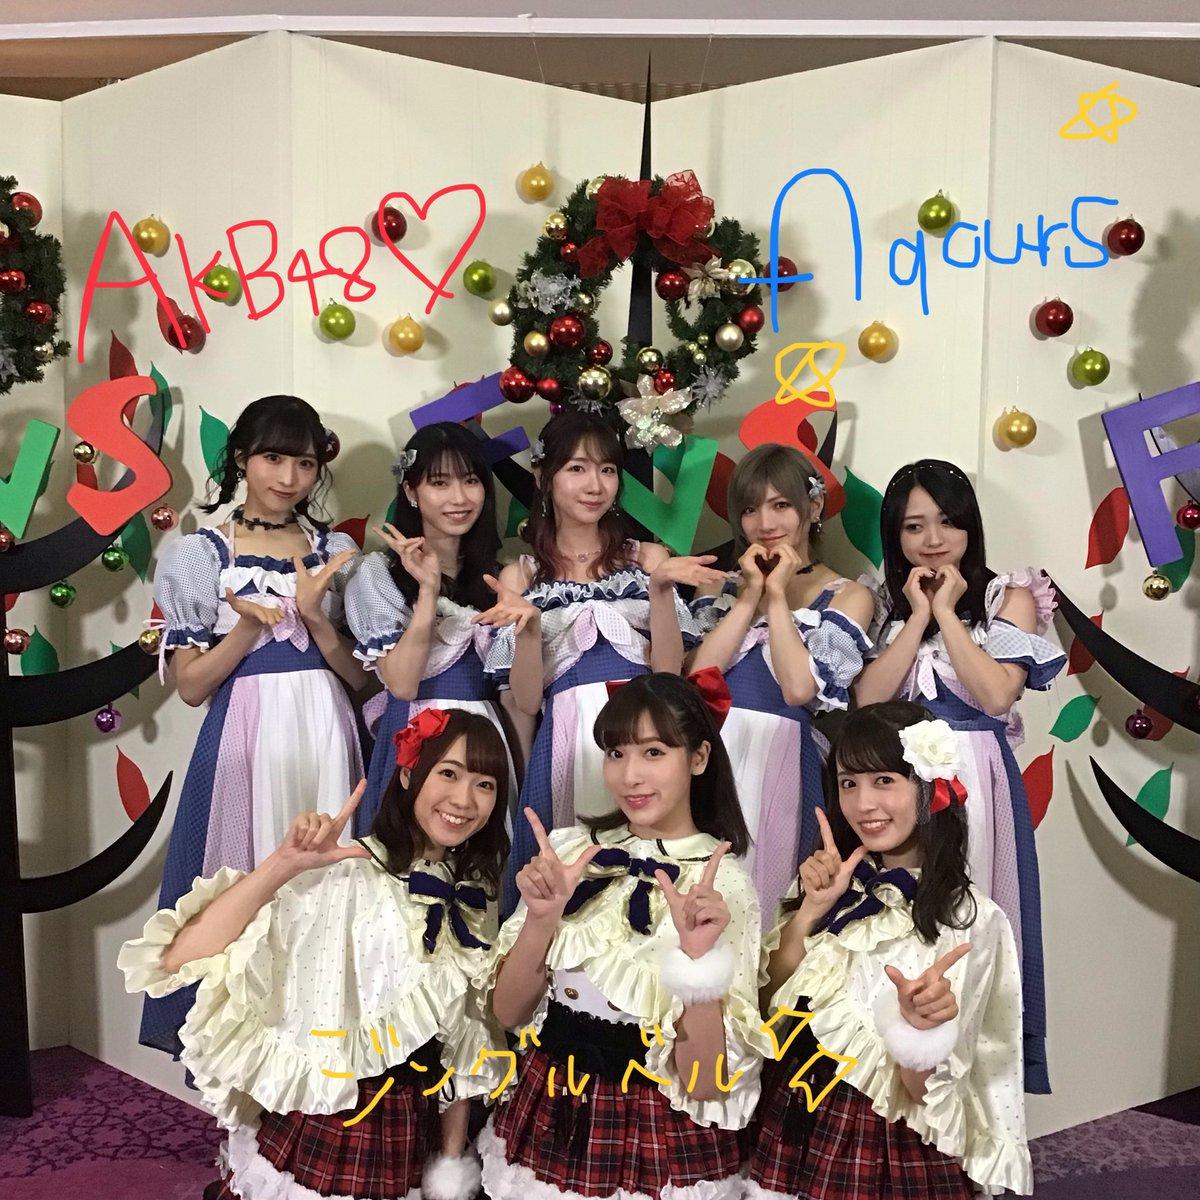 🔴FNS歌謡祭第1夜🔴 放送中📺  まもなく Aqoursさん × AKB48さんが登場!  お見逃しなく!⭐️  ハッシュタグ #FNS歌謡祭 を付けて みなさんツイートしてね!  #Aqours #AKB48 #ジングルベル